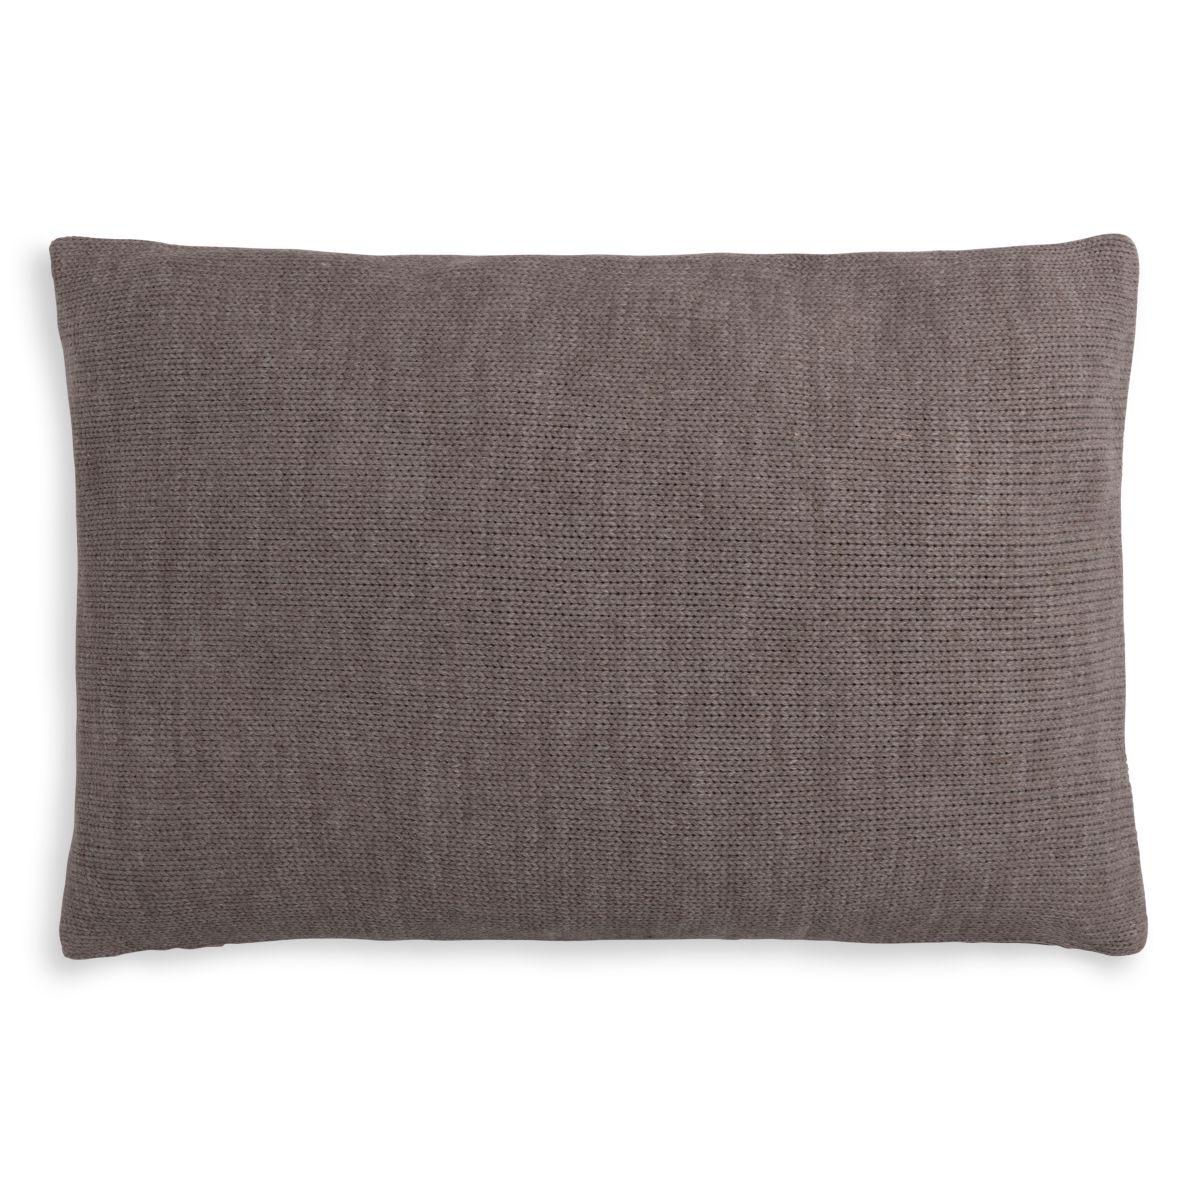 knit factory 1311348 roxx kussen 60x40 bruin taupe 2